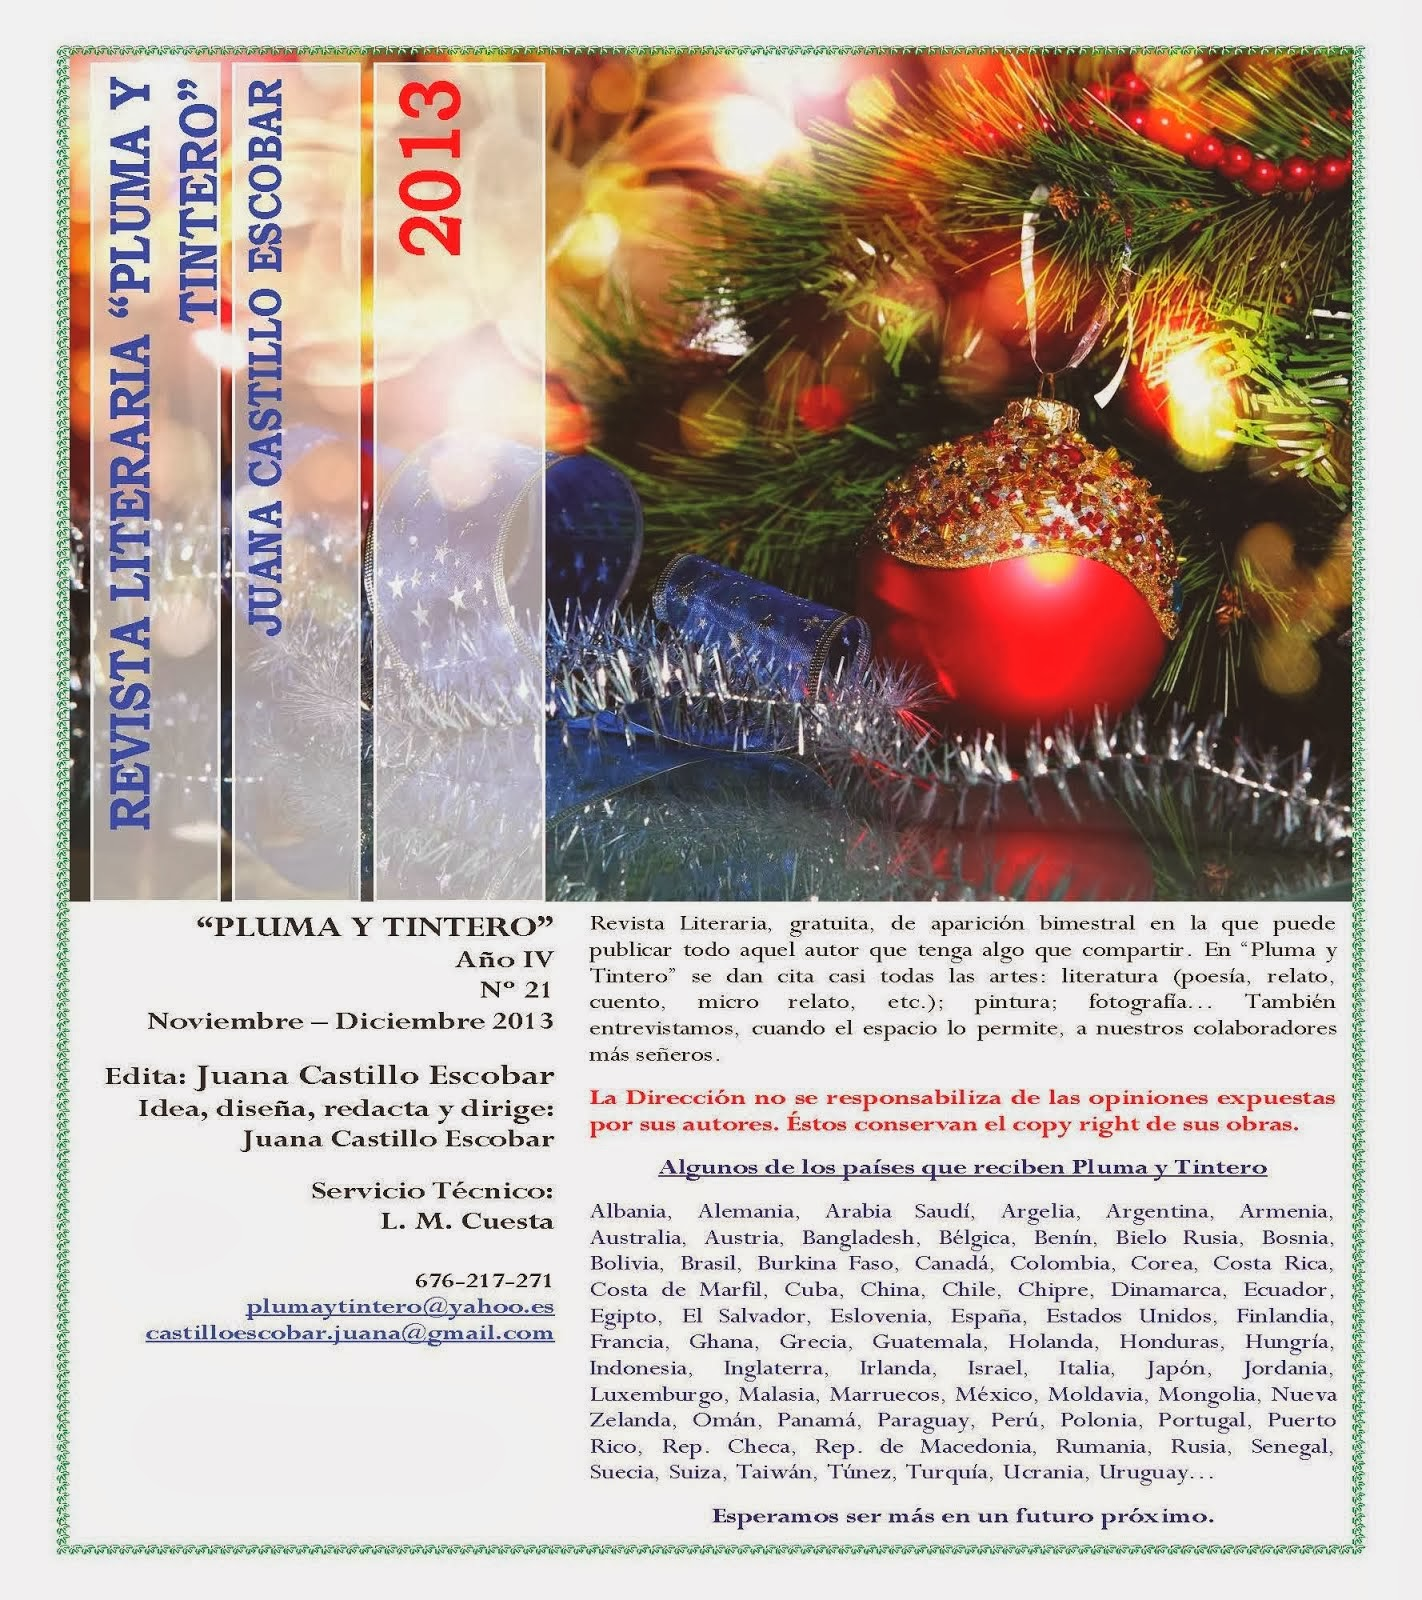 """Revista Literaria """"Pluma y Tintero"""" Año IV n. 21 Noviembre-Diciembre 2013."""